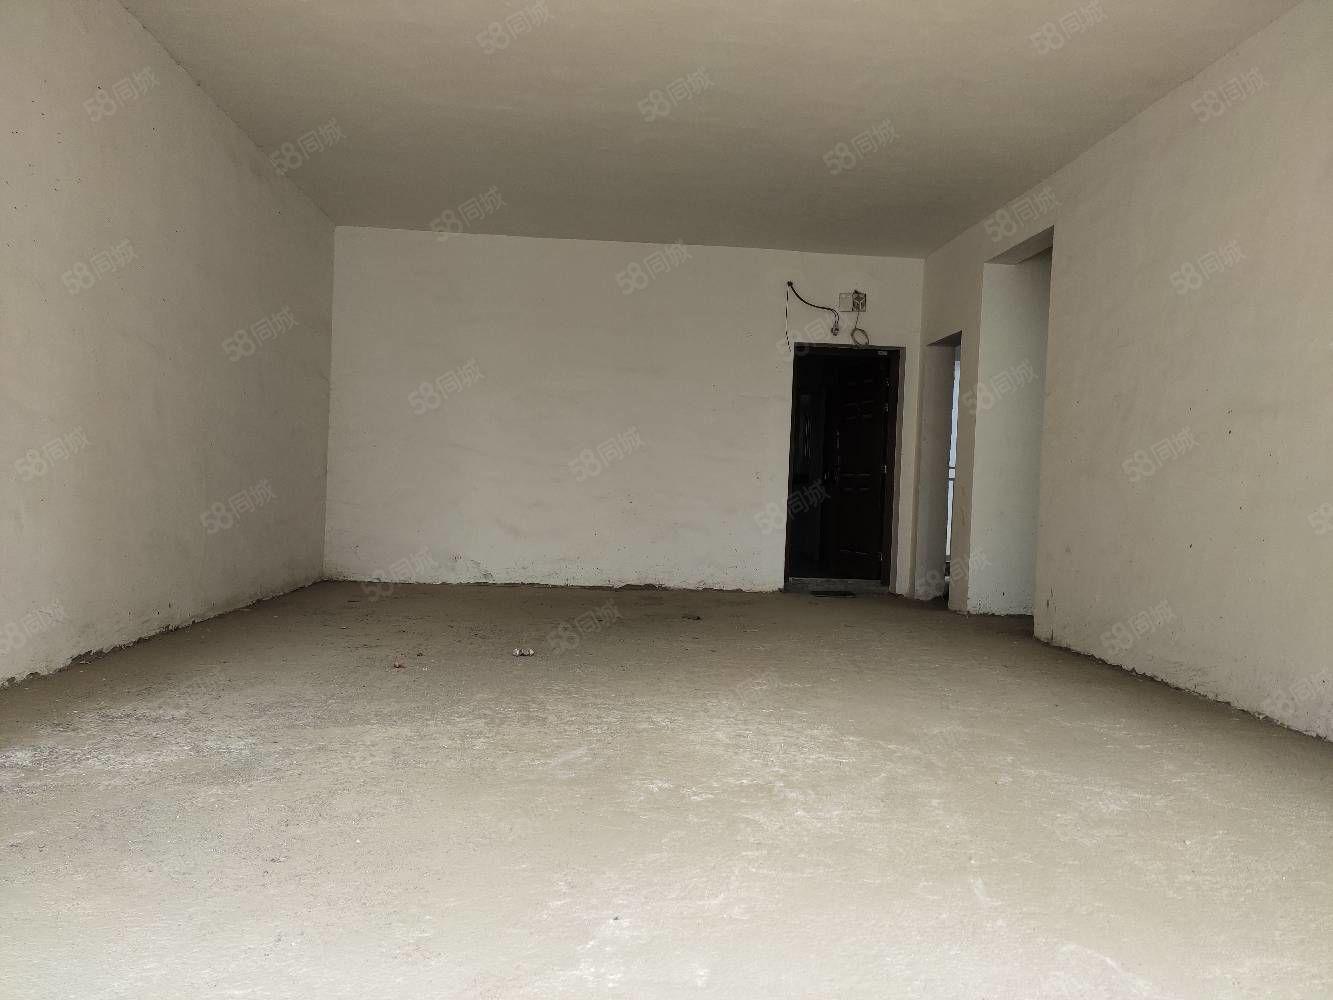 凤凰城毛坯房三室两厅两卫出售证在手随时过户。